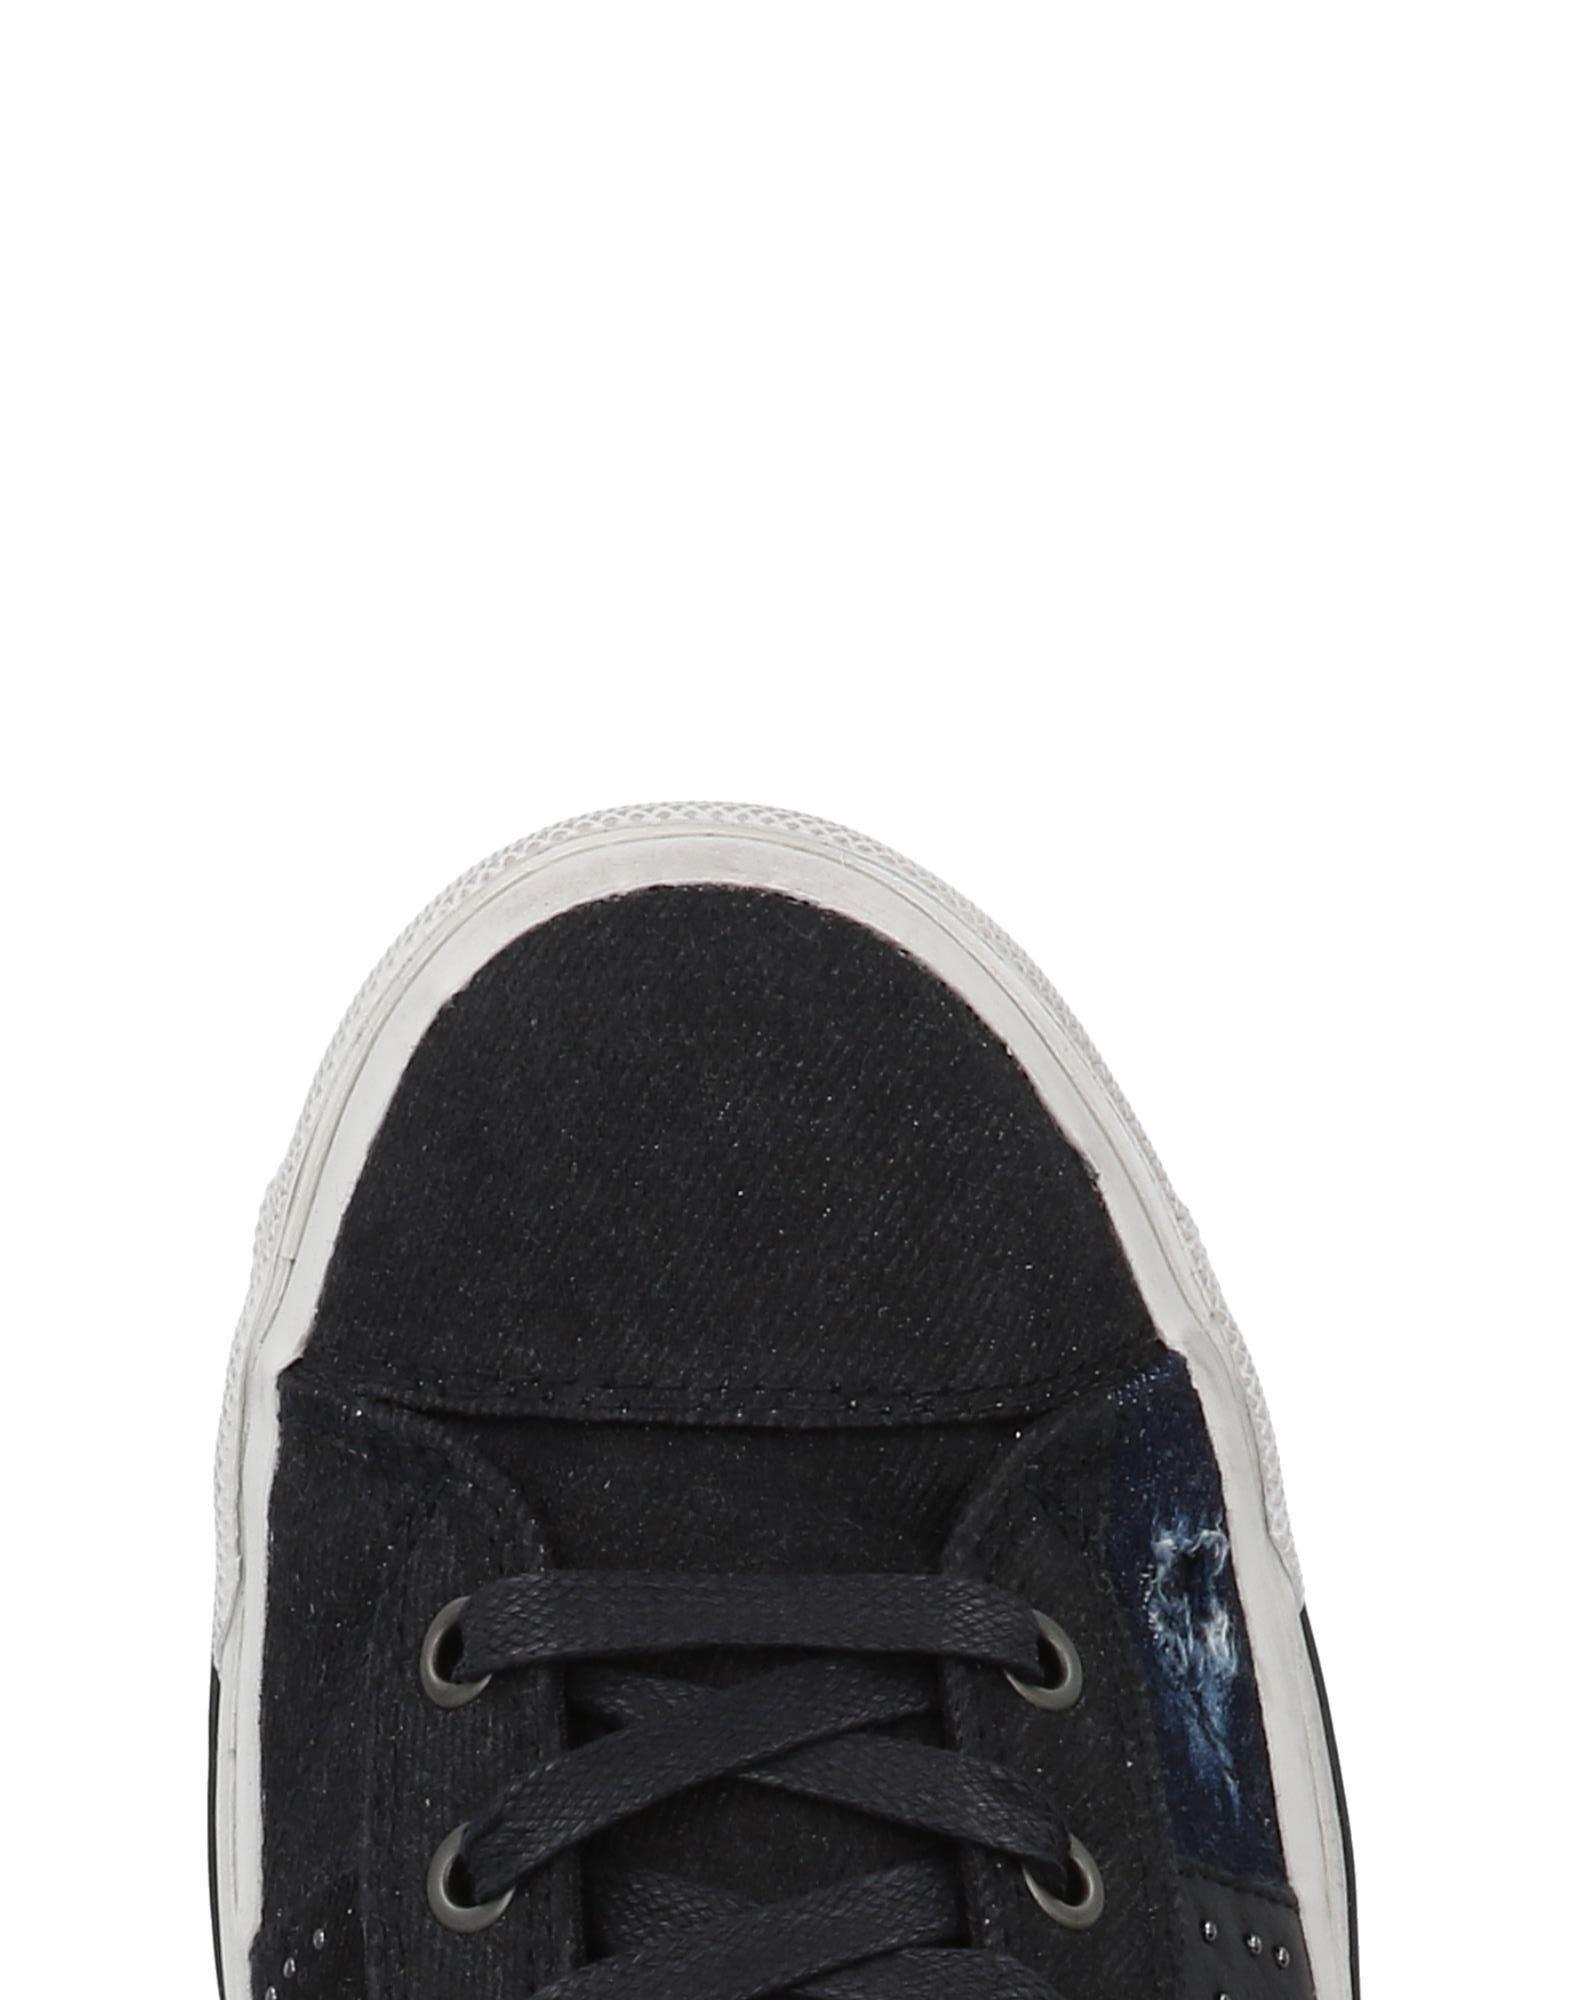 Rabatt echte Schuhe Herren Diesel Sneakers Herren Schuhe  11491341XC a9eb20